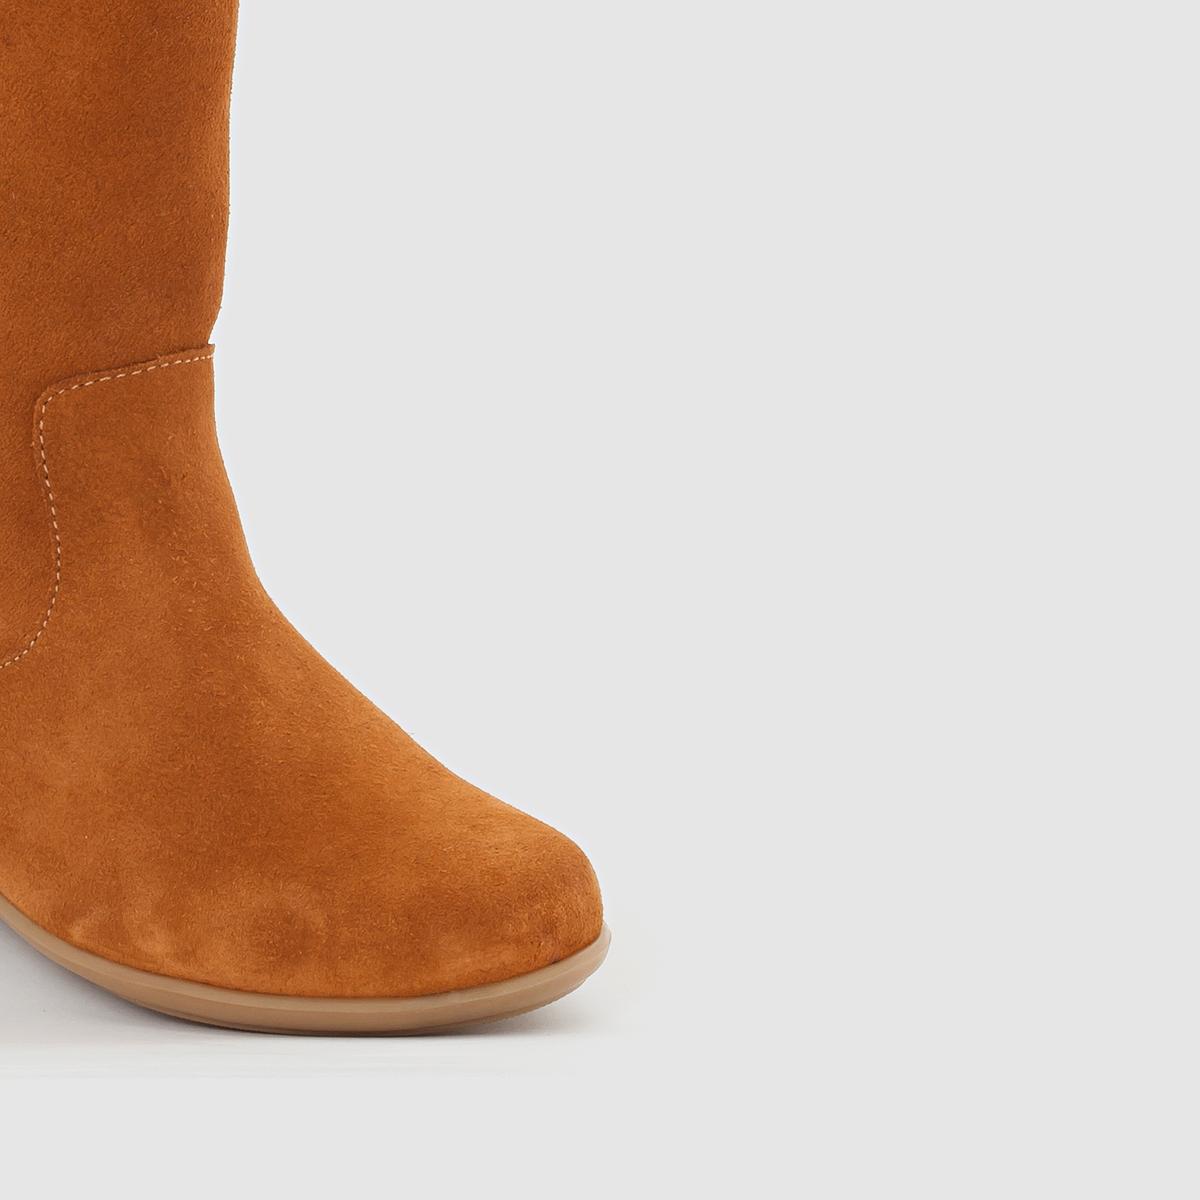 Ботильоны из кожи abcRСовременная линия обуви из невыделанной кожи.                                                            Ботильоны с модной отделкой бахромой и застежкой на молнию для быстрого надевания станут незаменимым элементом гардероба для девочек!                                     Верх: спилок (яловичная кожа).                                         Подкладка: текстиль.                                         Стелька: кожа.                                         Подошва: из эластомера.                                         Застежка: на молнию.<br><br>Цвет: бордовый,темно-бежевый<br>Размер: 34.38.38.37